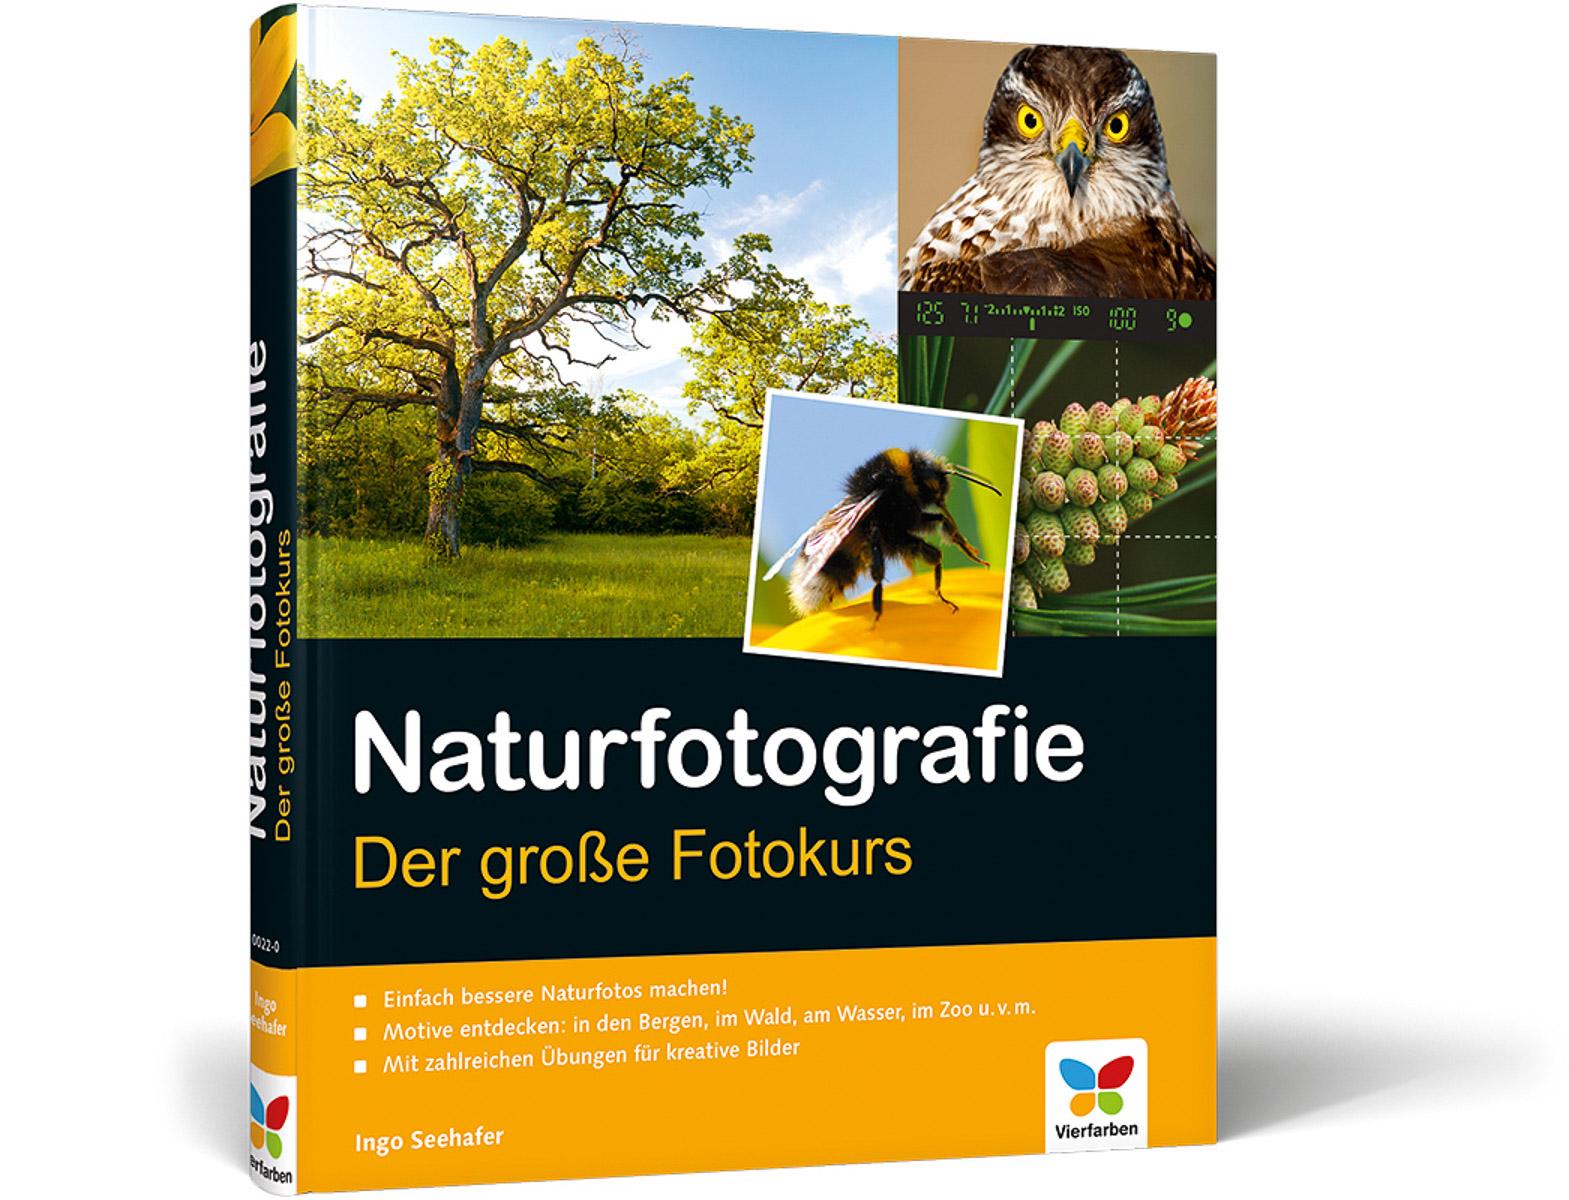 Naturfotografie - Der große Fotokurs